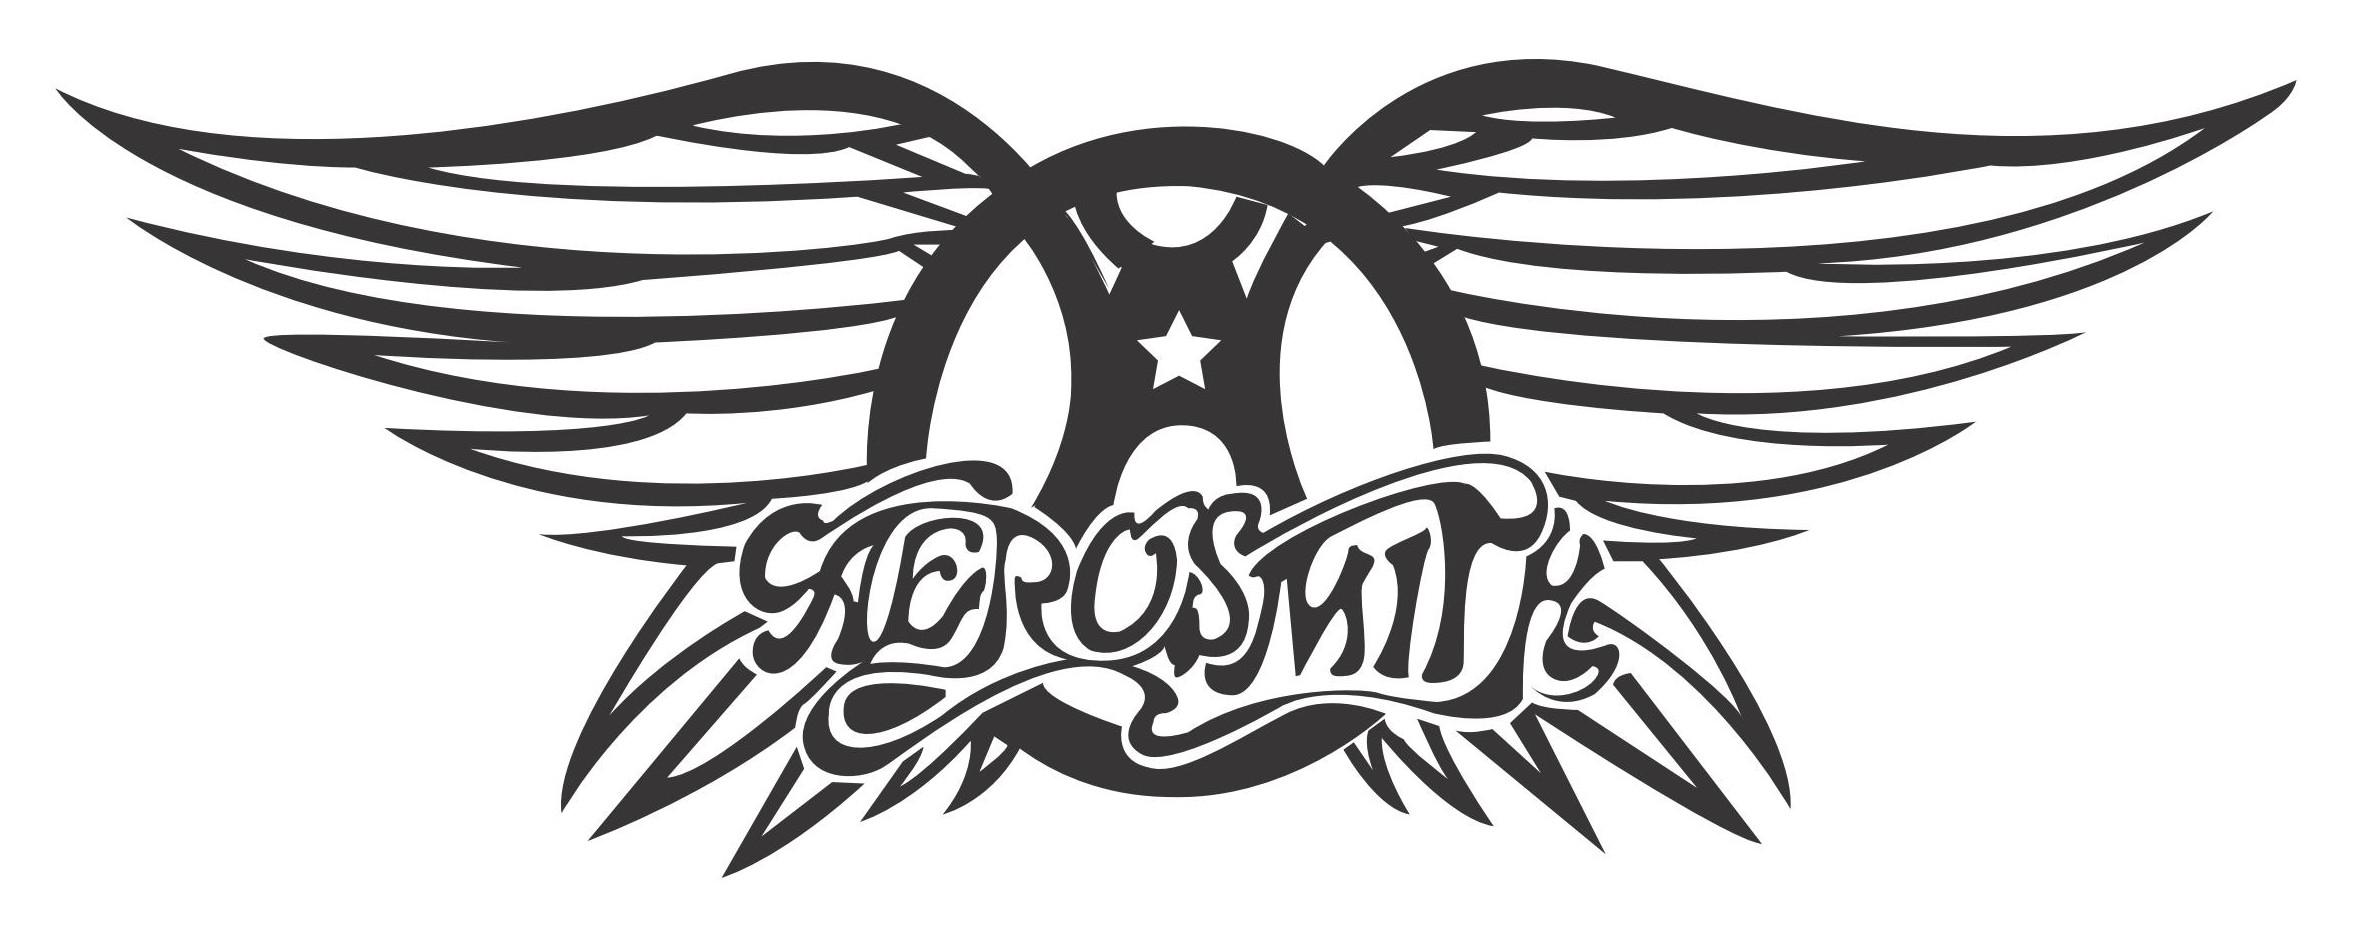 Aerosmith Record Logo Vector PNG - 35384